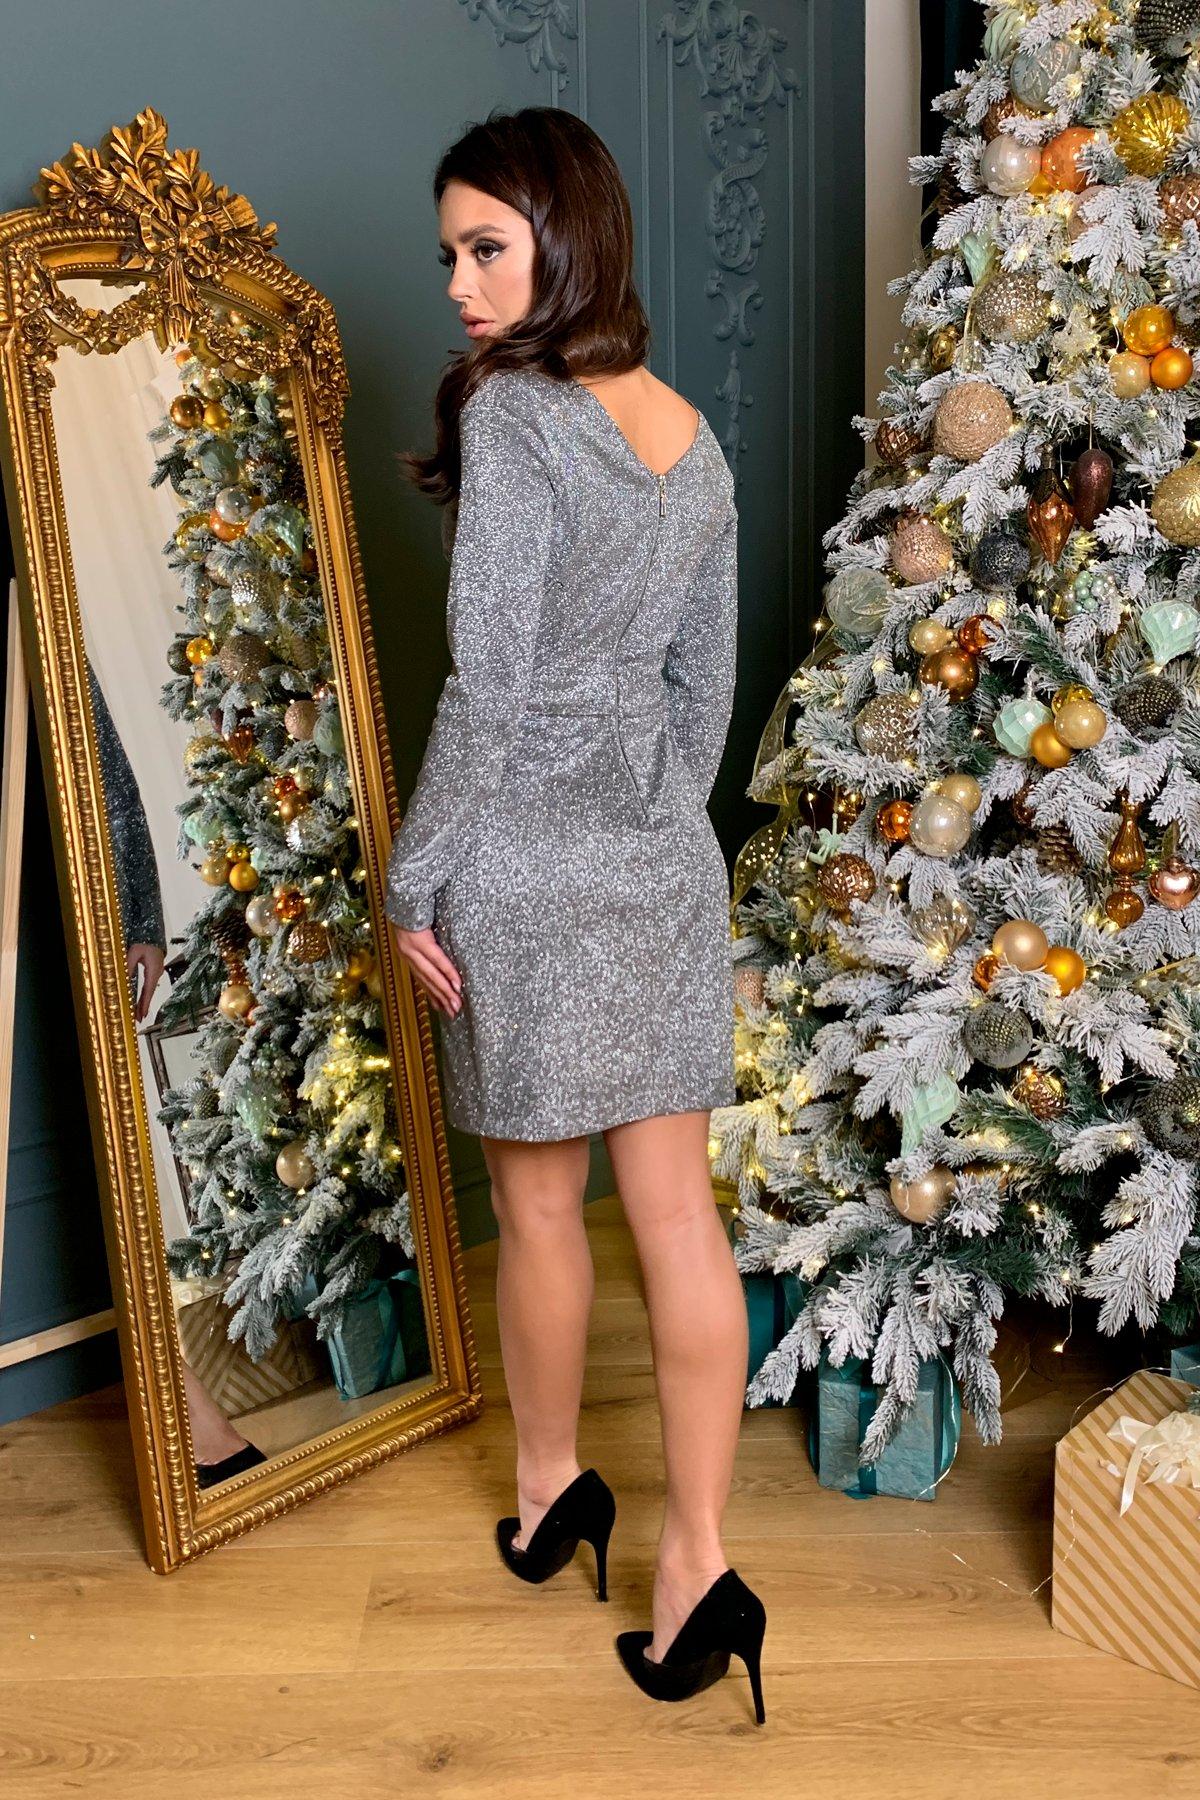 Коктейльное платье Кристал 8346 АРТ. 45027 Цвет: Графит/серебро - фото 2, интернет магазин tm-modus.ru